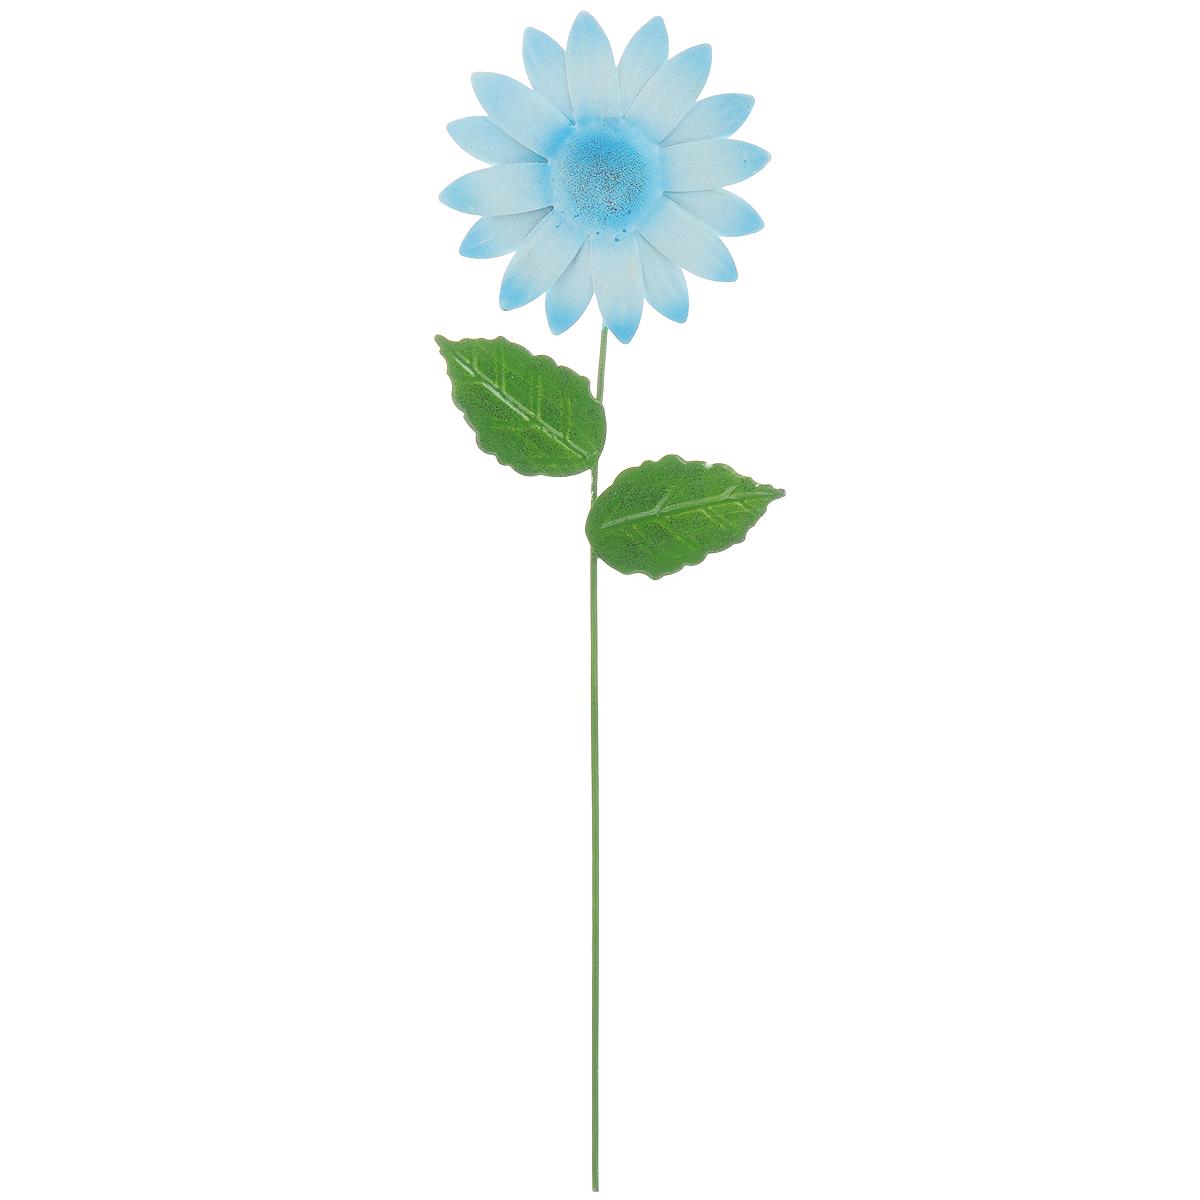 Украшение на ножке Village People Астры, цвет: голубой, высота 28,5 смBH-SI0439-WWУкрашение на ножке Village People Астры предназначено для декорирования садового участка, грядок, клумб, цветочных кашпо, а также для поддержки и правильного роста растений. Изделие в ярком симпатичном дизайне выполнено из прочного и надежного металла, легко устанавливается в землю. Оно украсит ваш сад и добавит ярких красок.